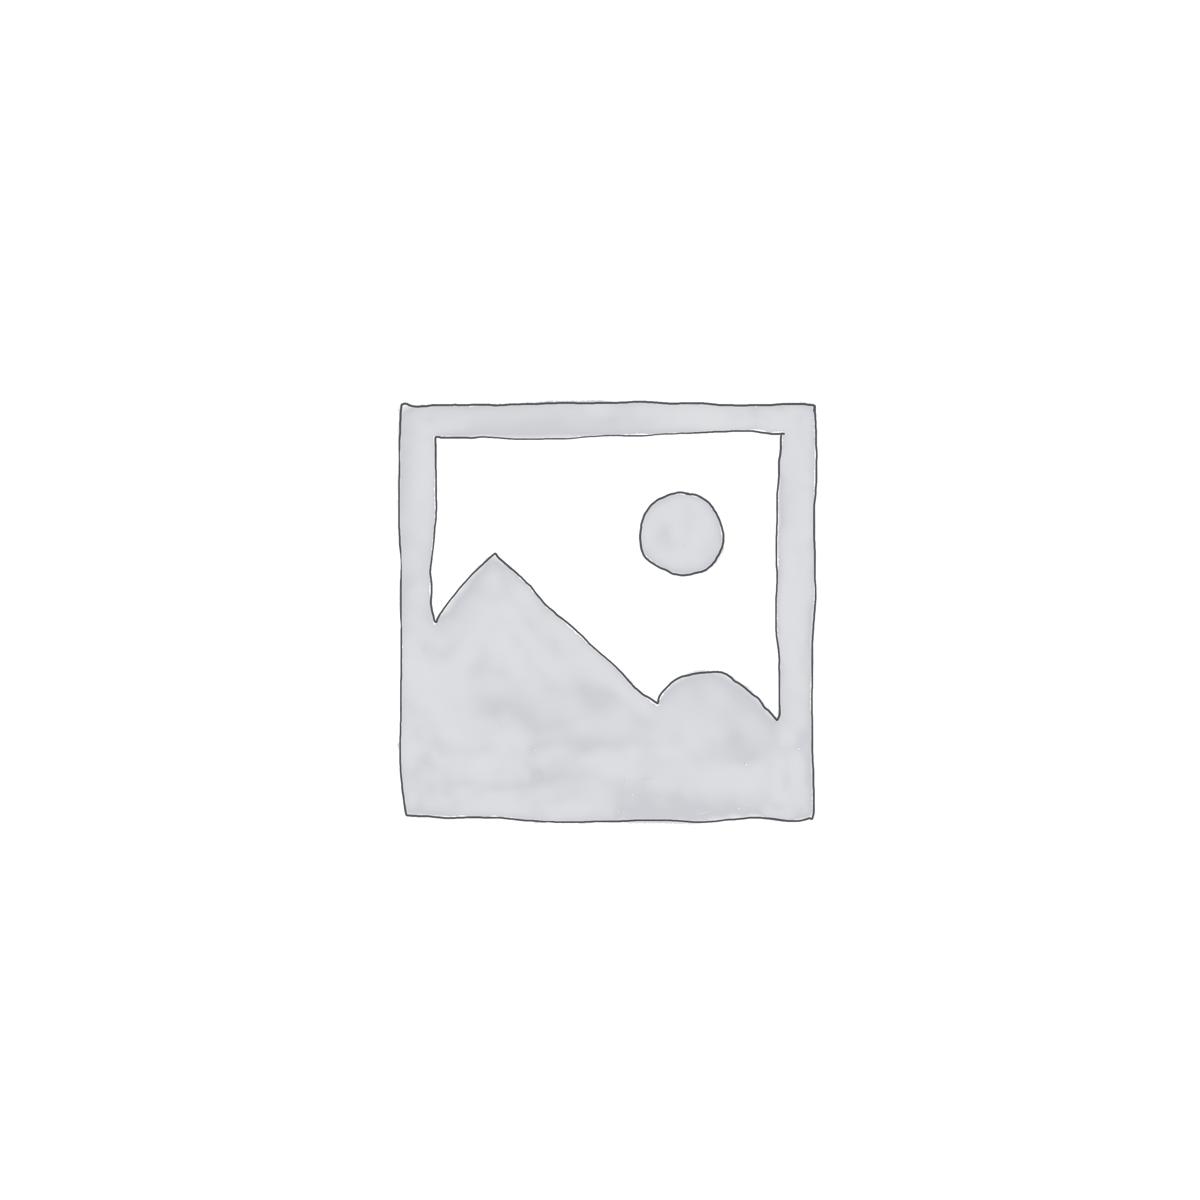 Colorful Geometric Grunge Art Wallpaper Mural